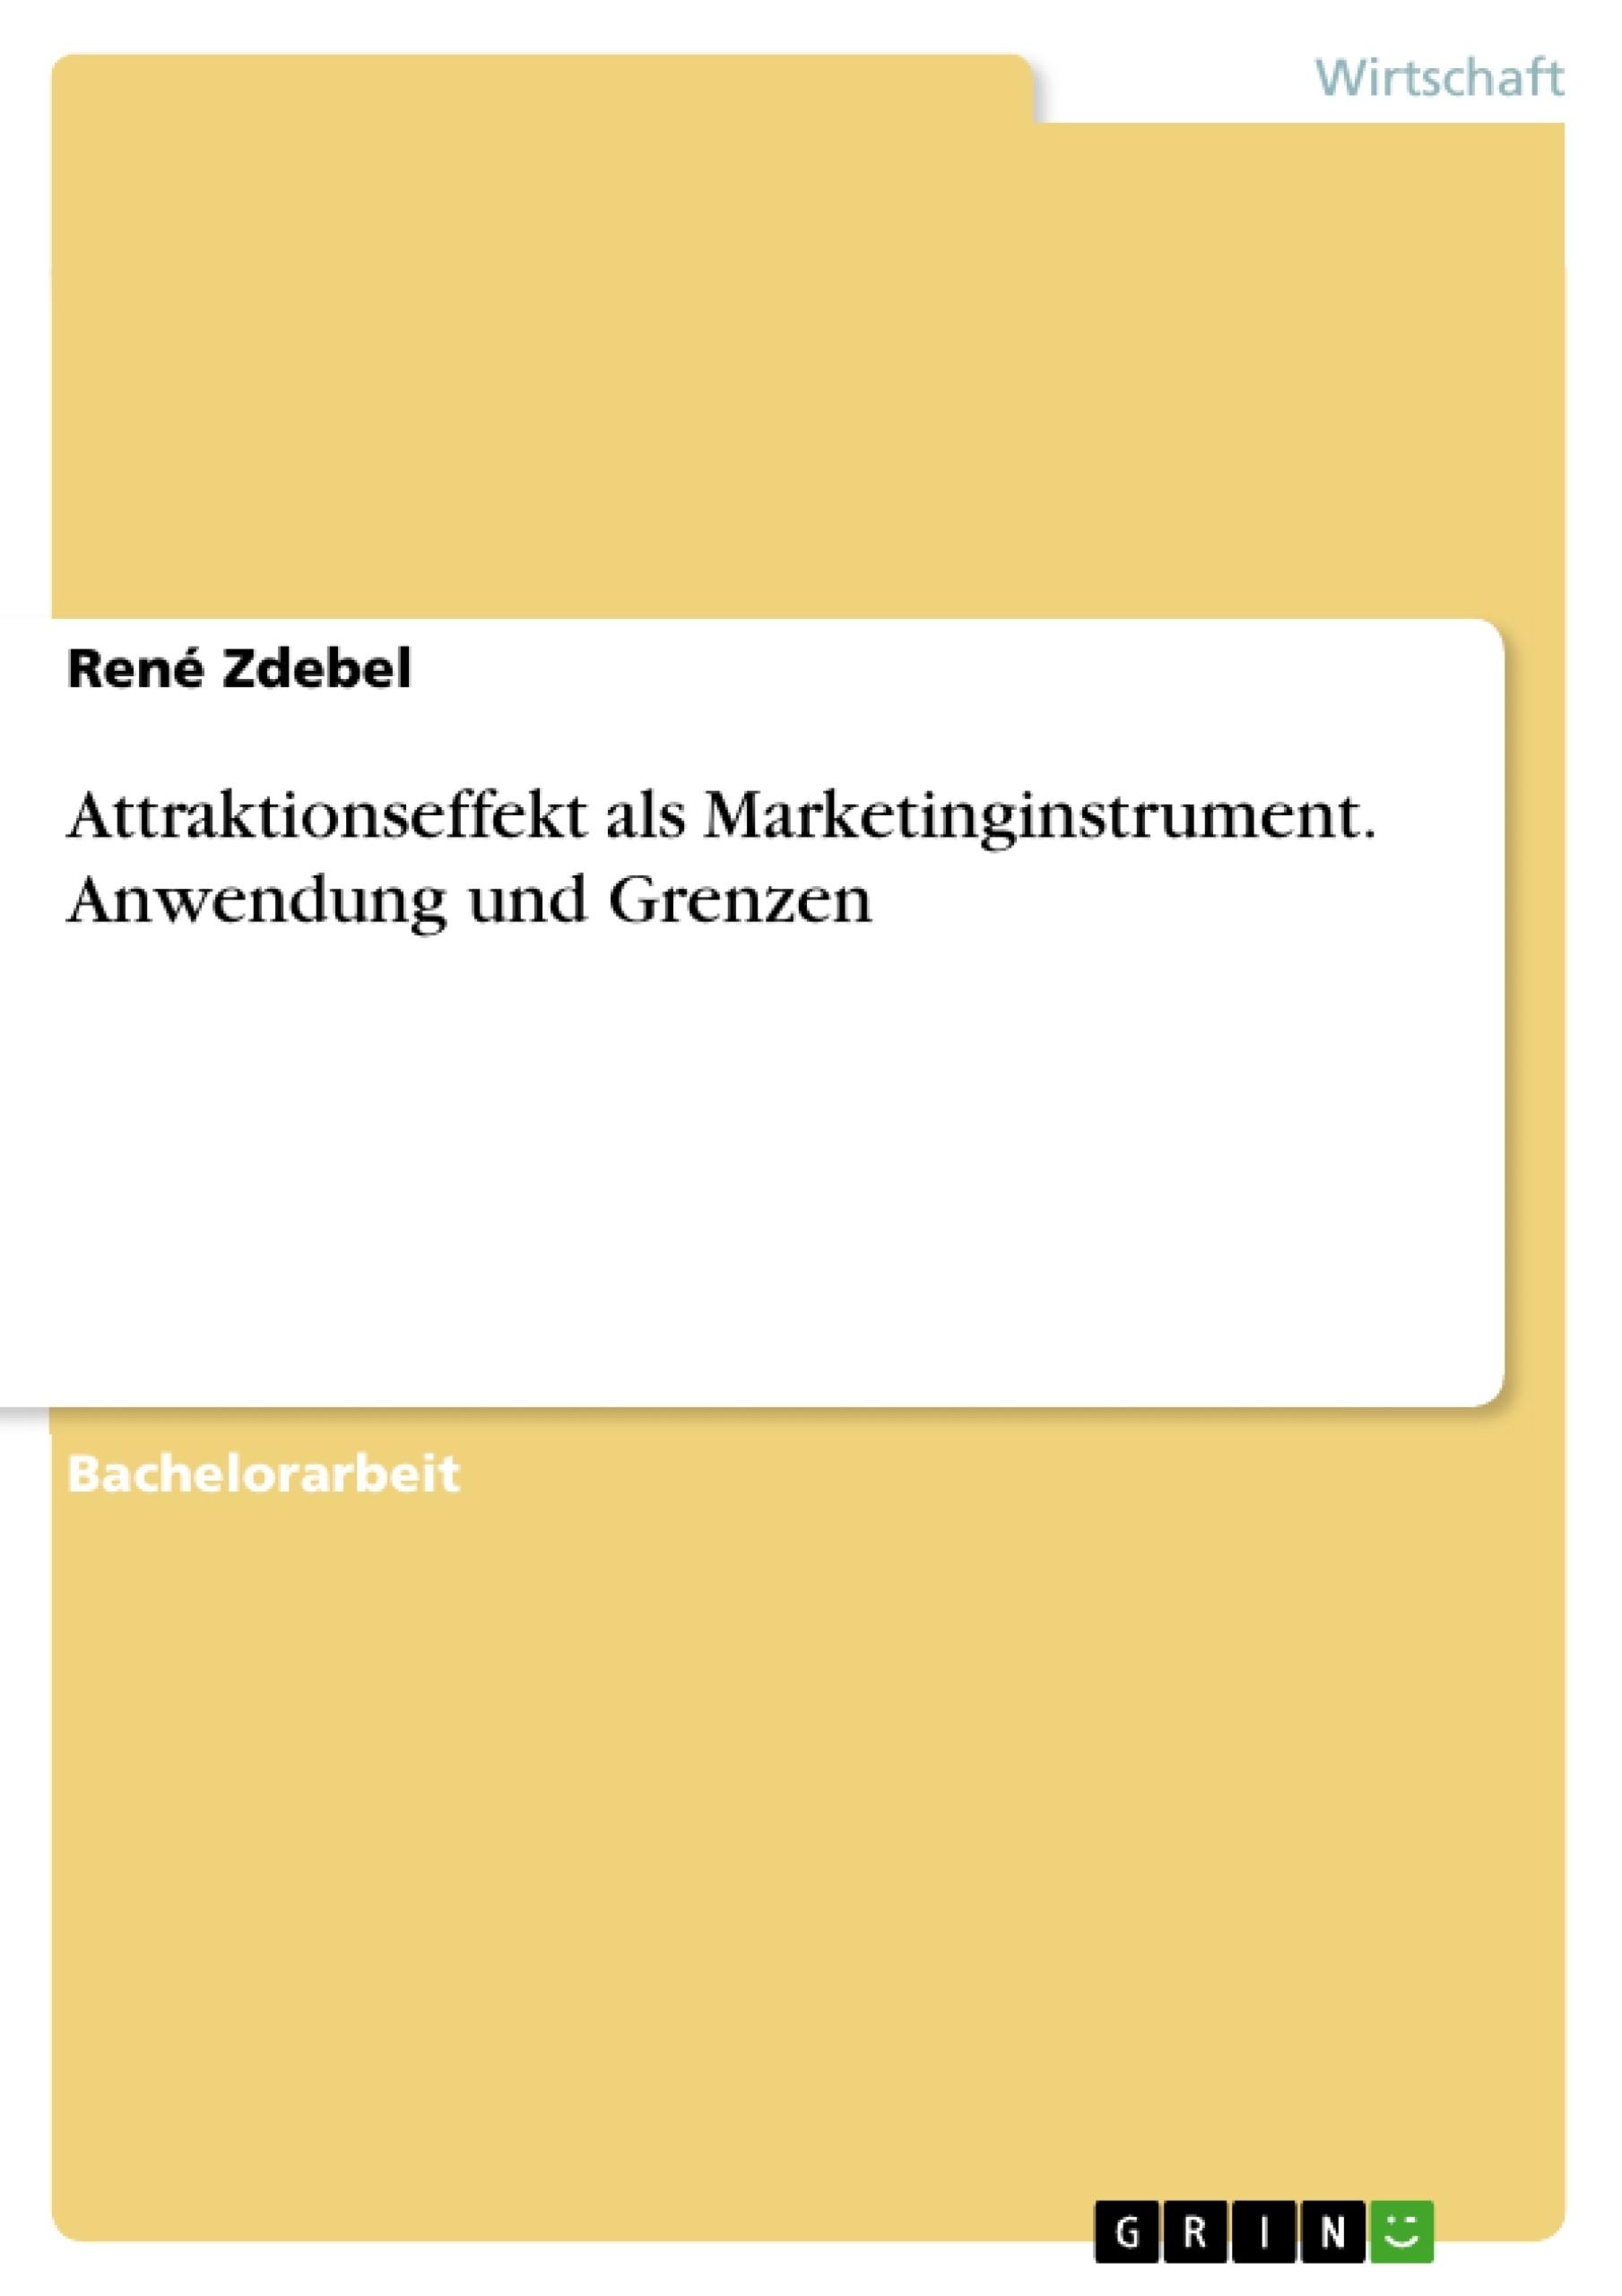 Titel: Attraktionseffekt als Marketinginstrument. Anwendung und Grenzen